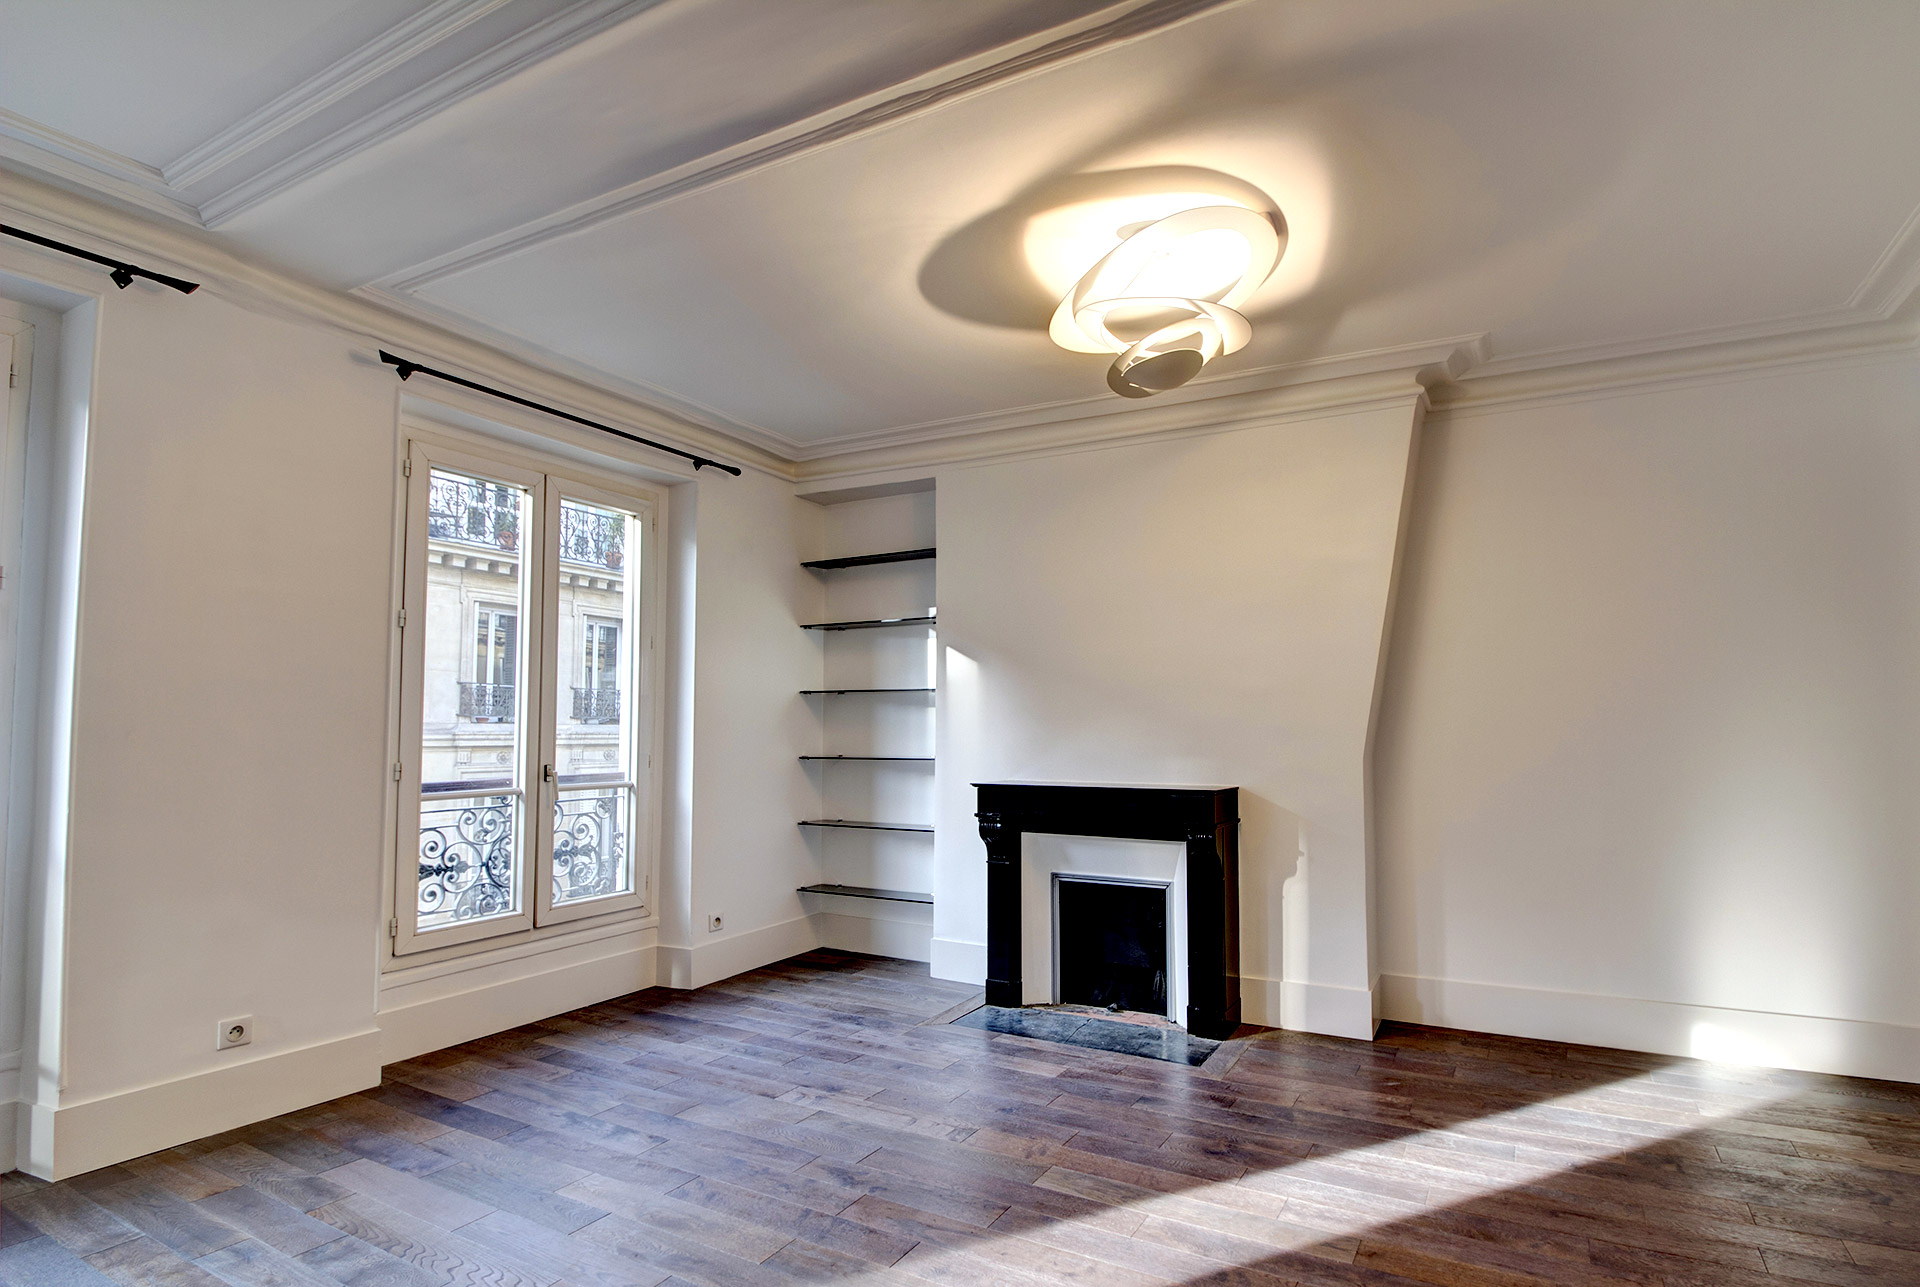 appartement artemide pirce salon agence avous